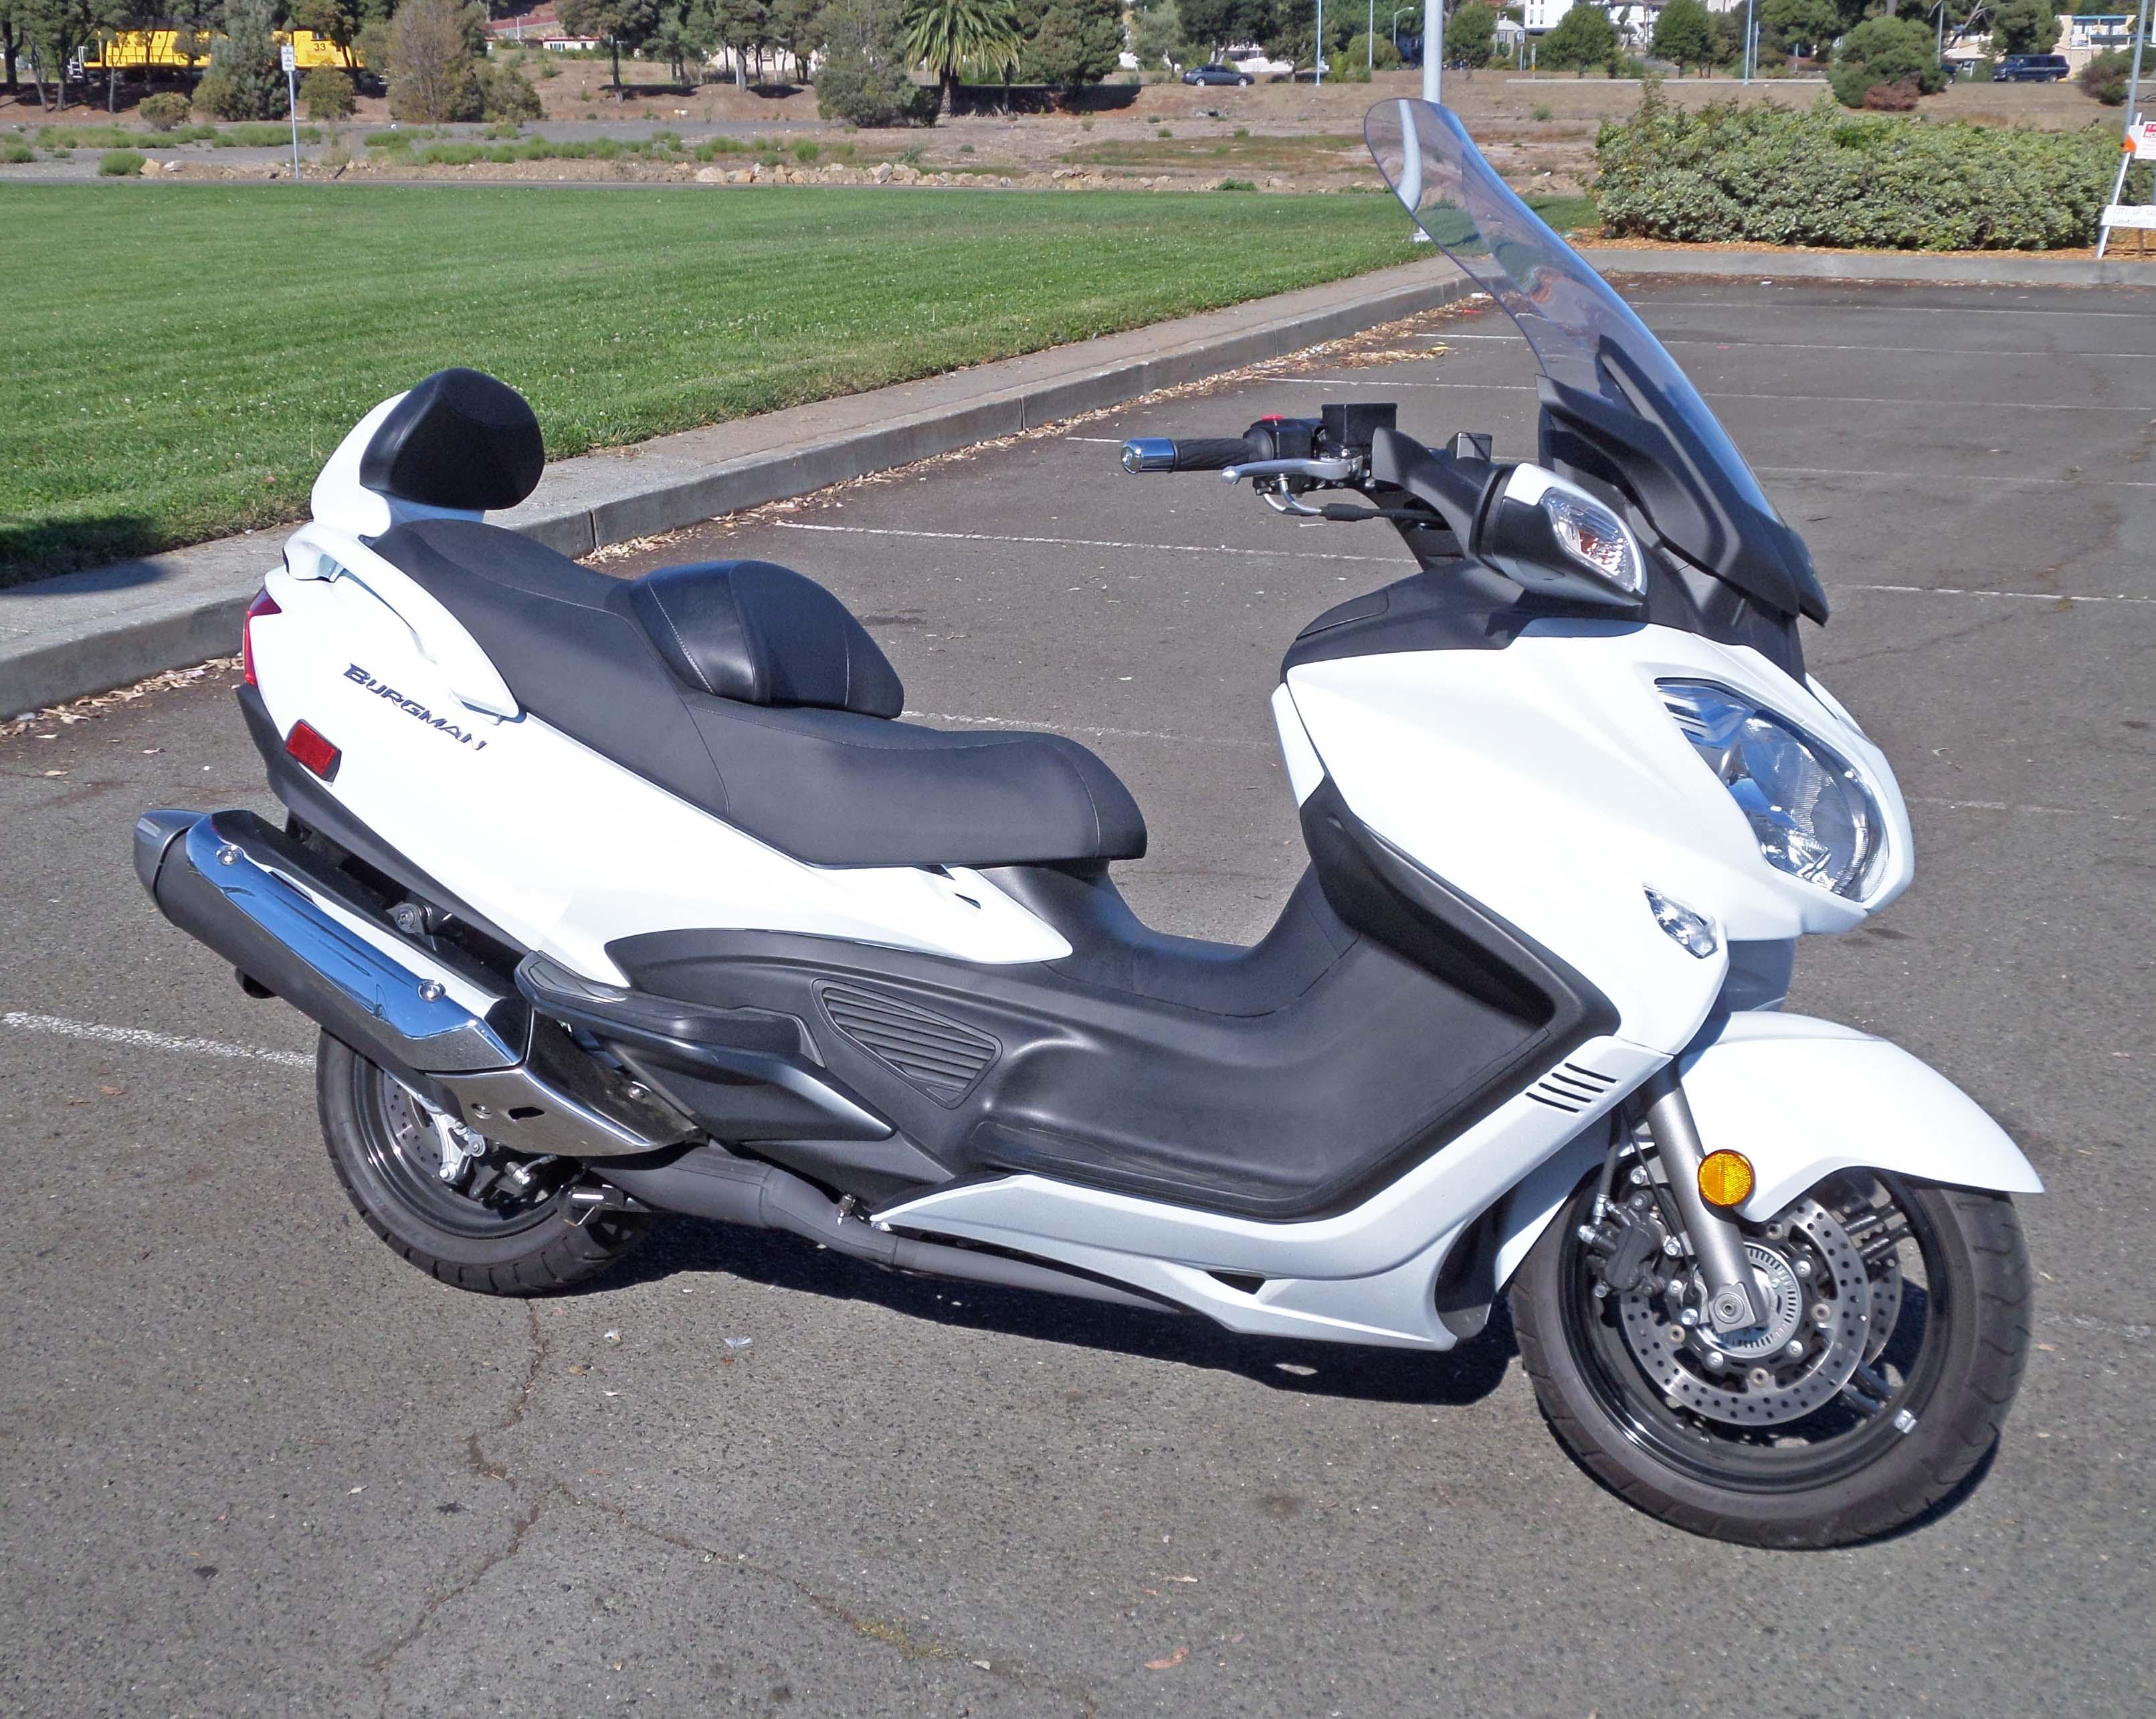 2013 Suzuki Burgman 650 ABS Test Ride